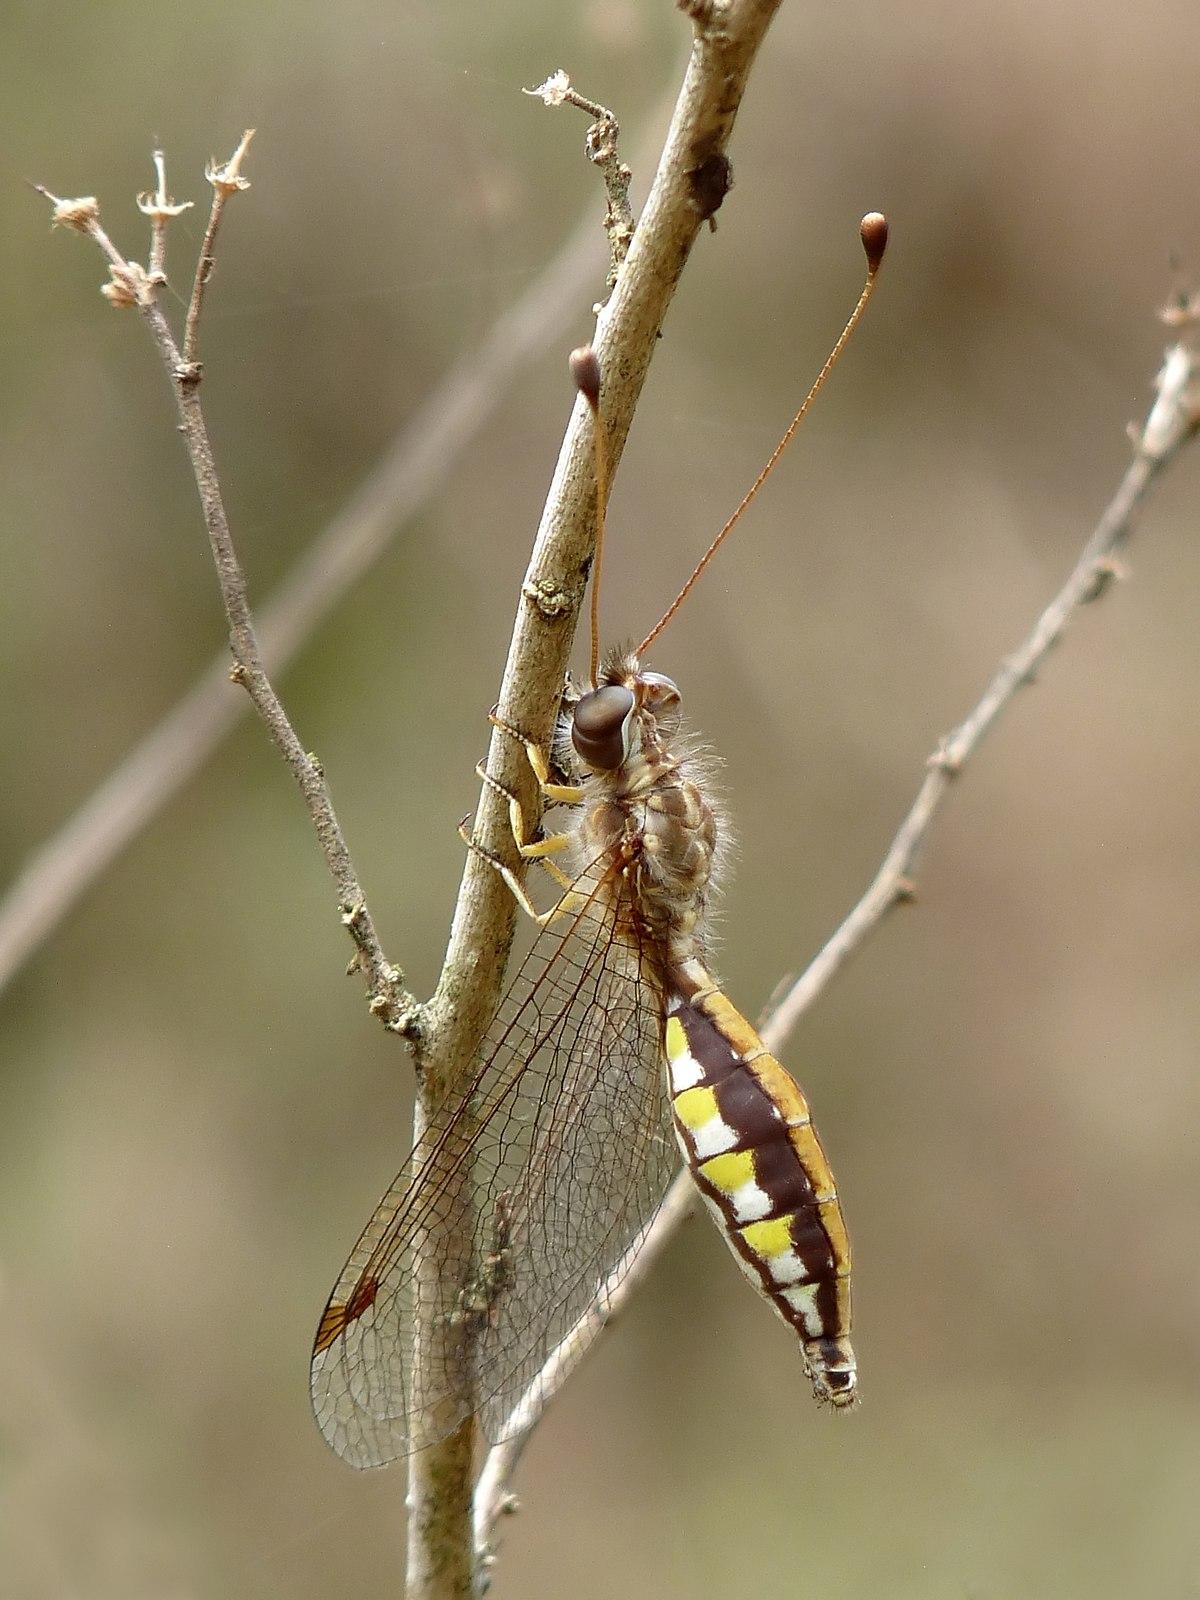 Ascalaphus Sinister Wikipedia